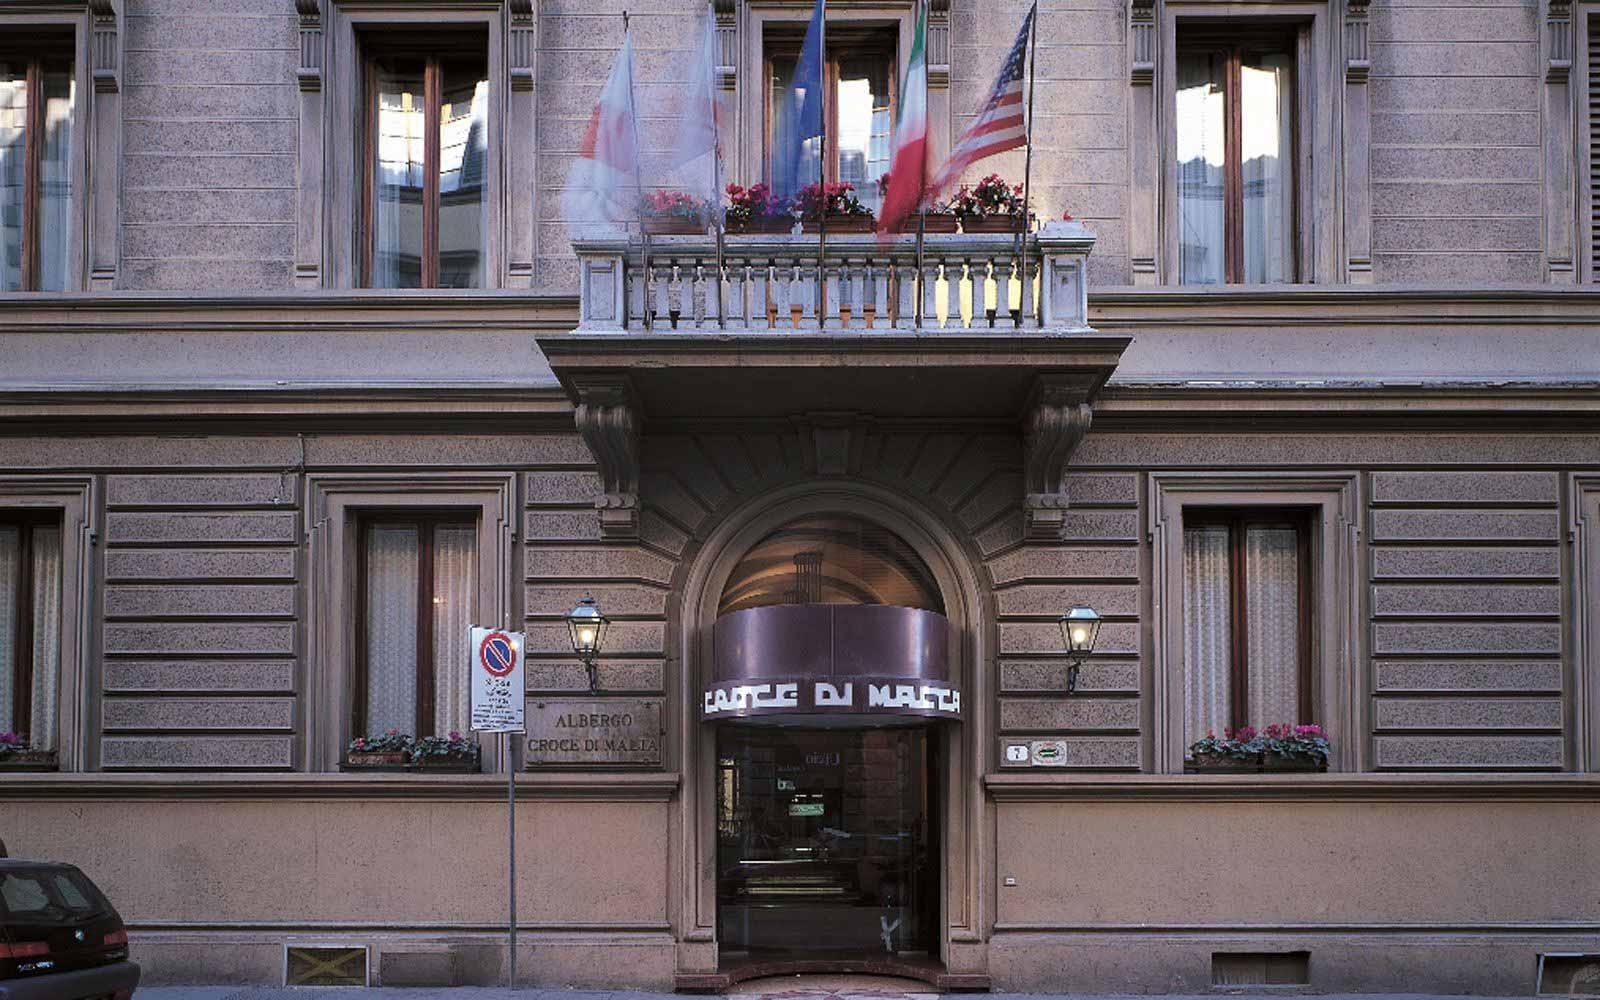 Entrance to Hotel Croce di Malta